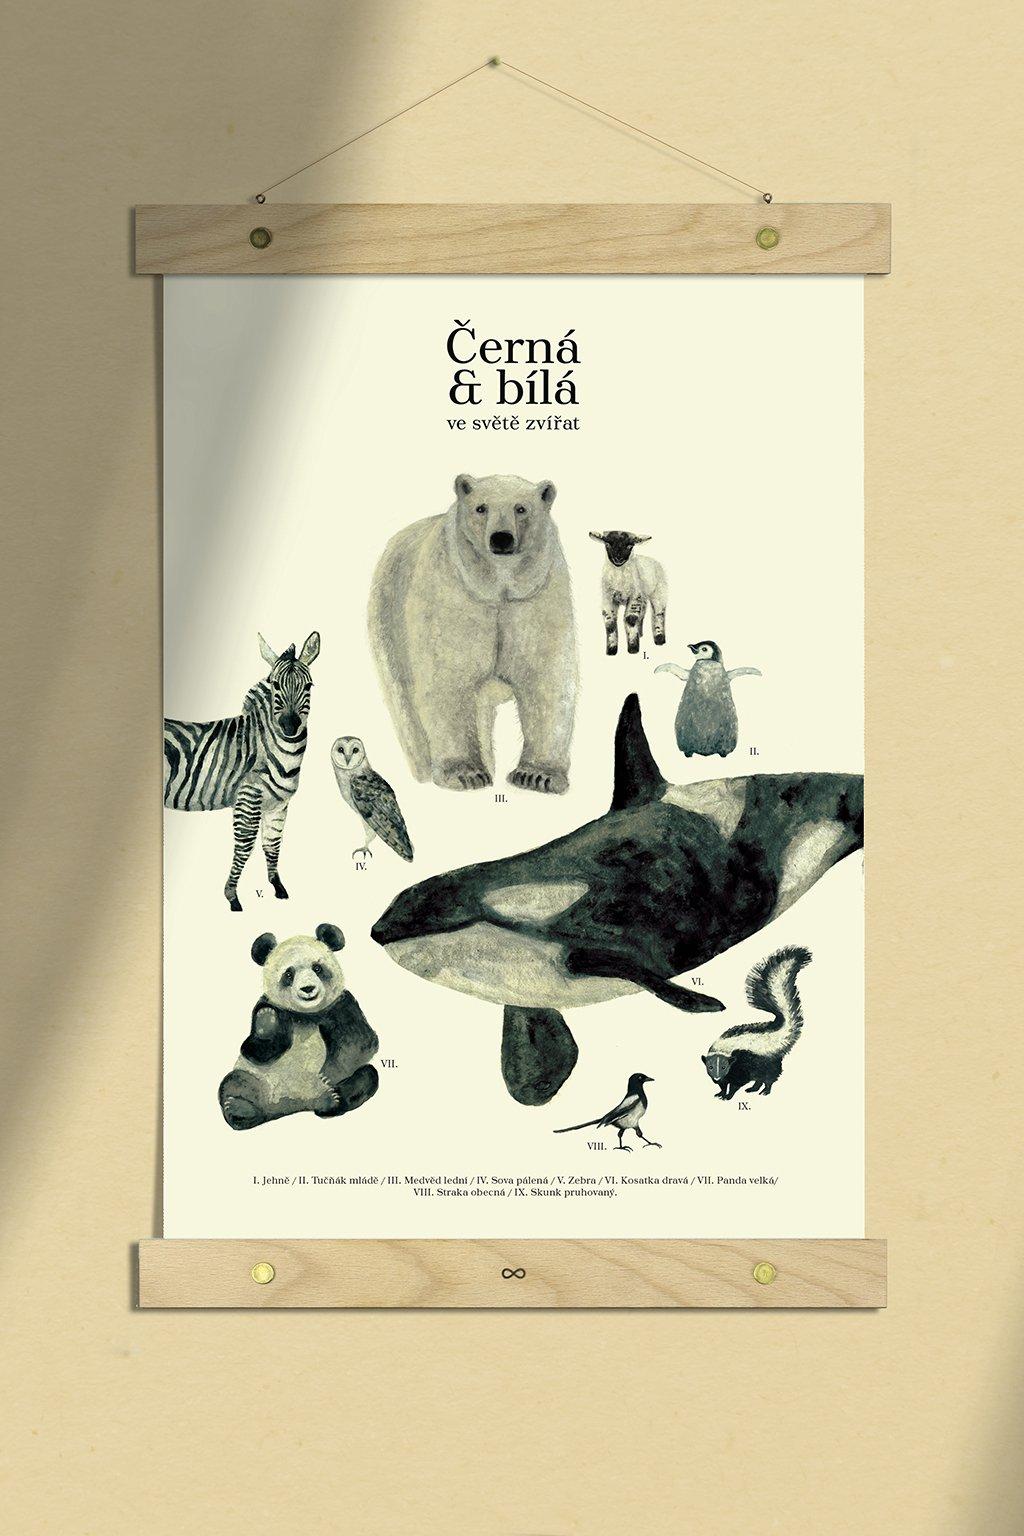 JAATY_detsky-autorsky-plakat-cernobila-zviratka